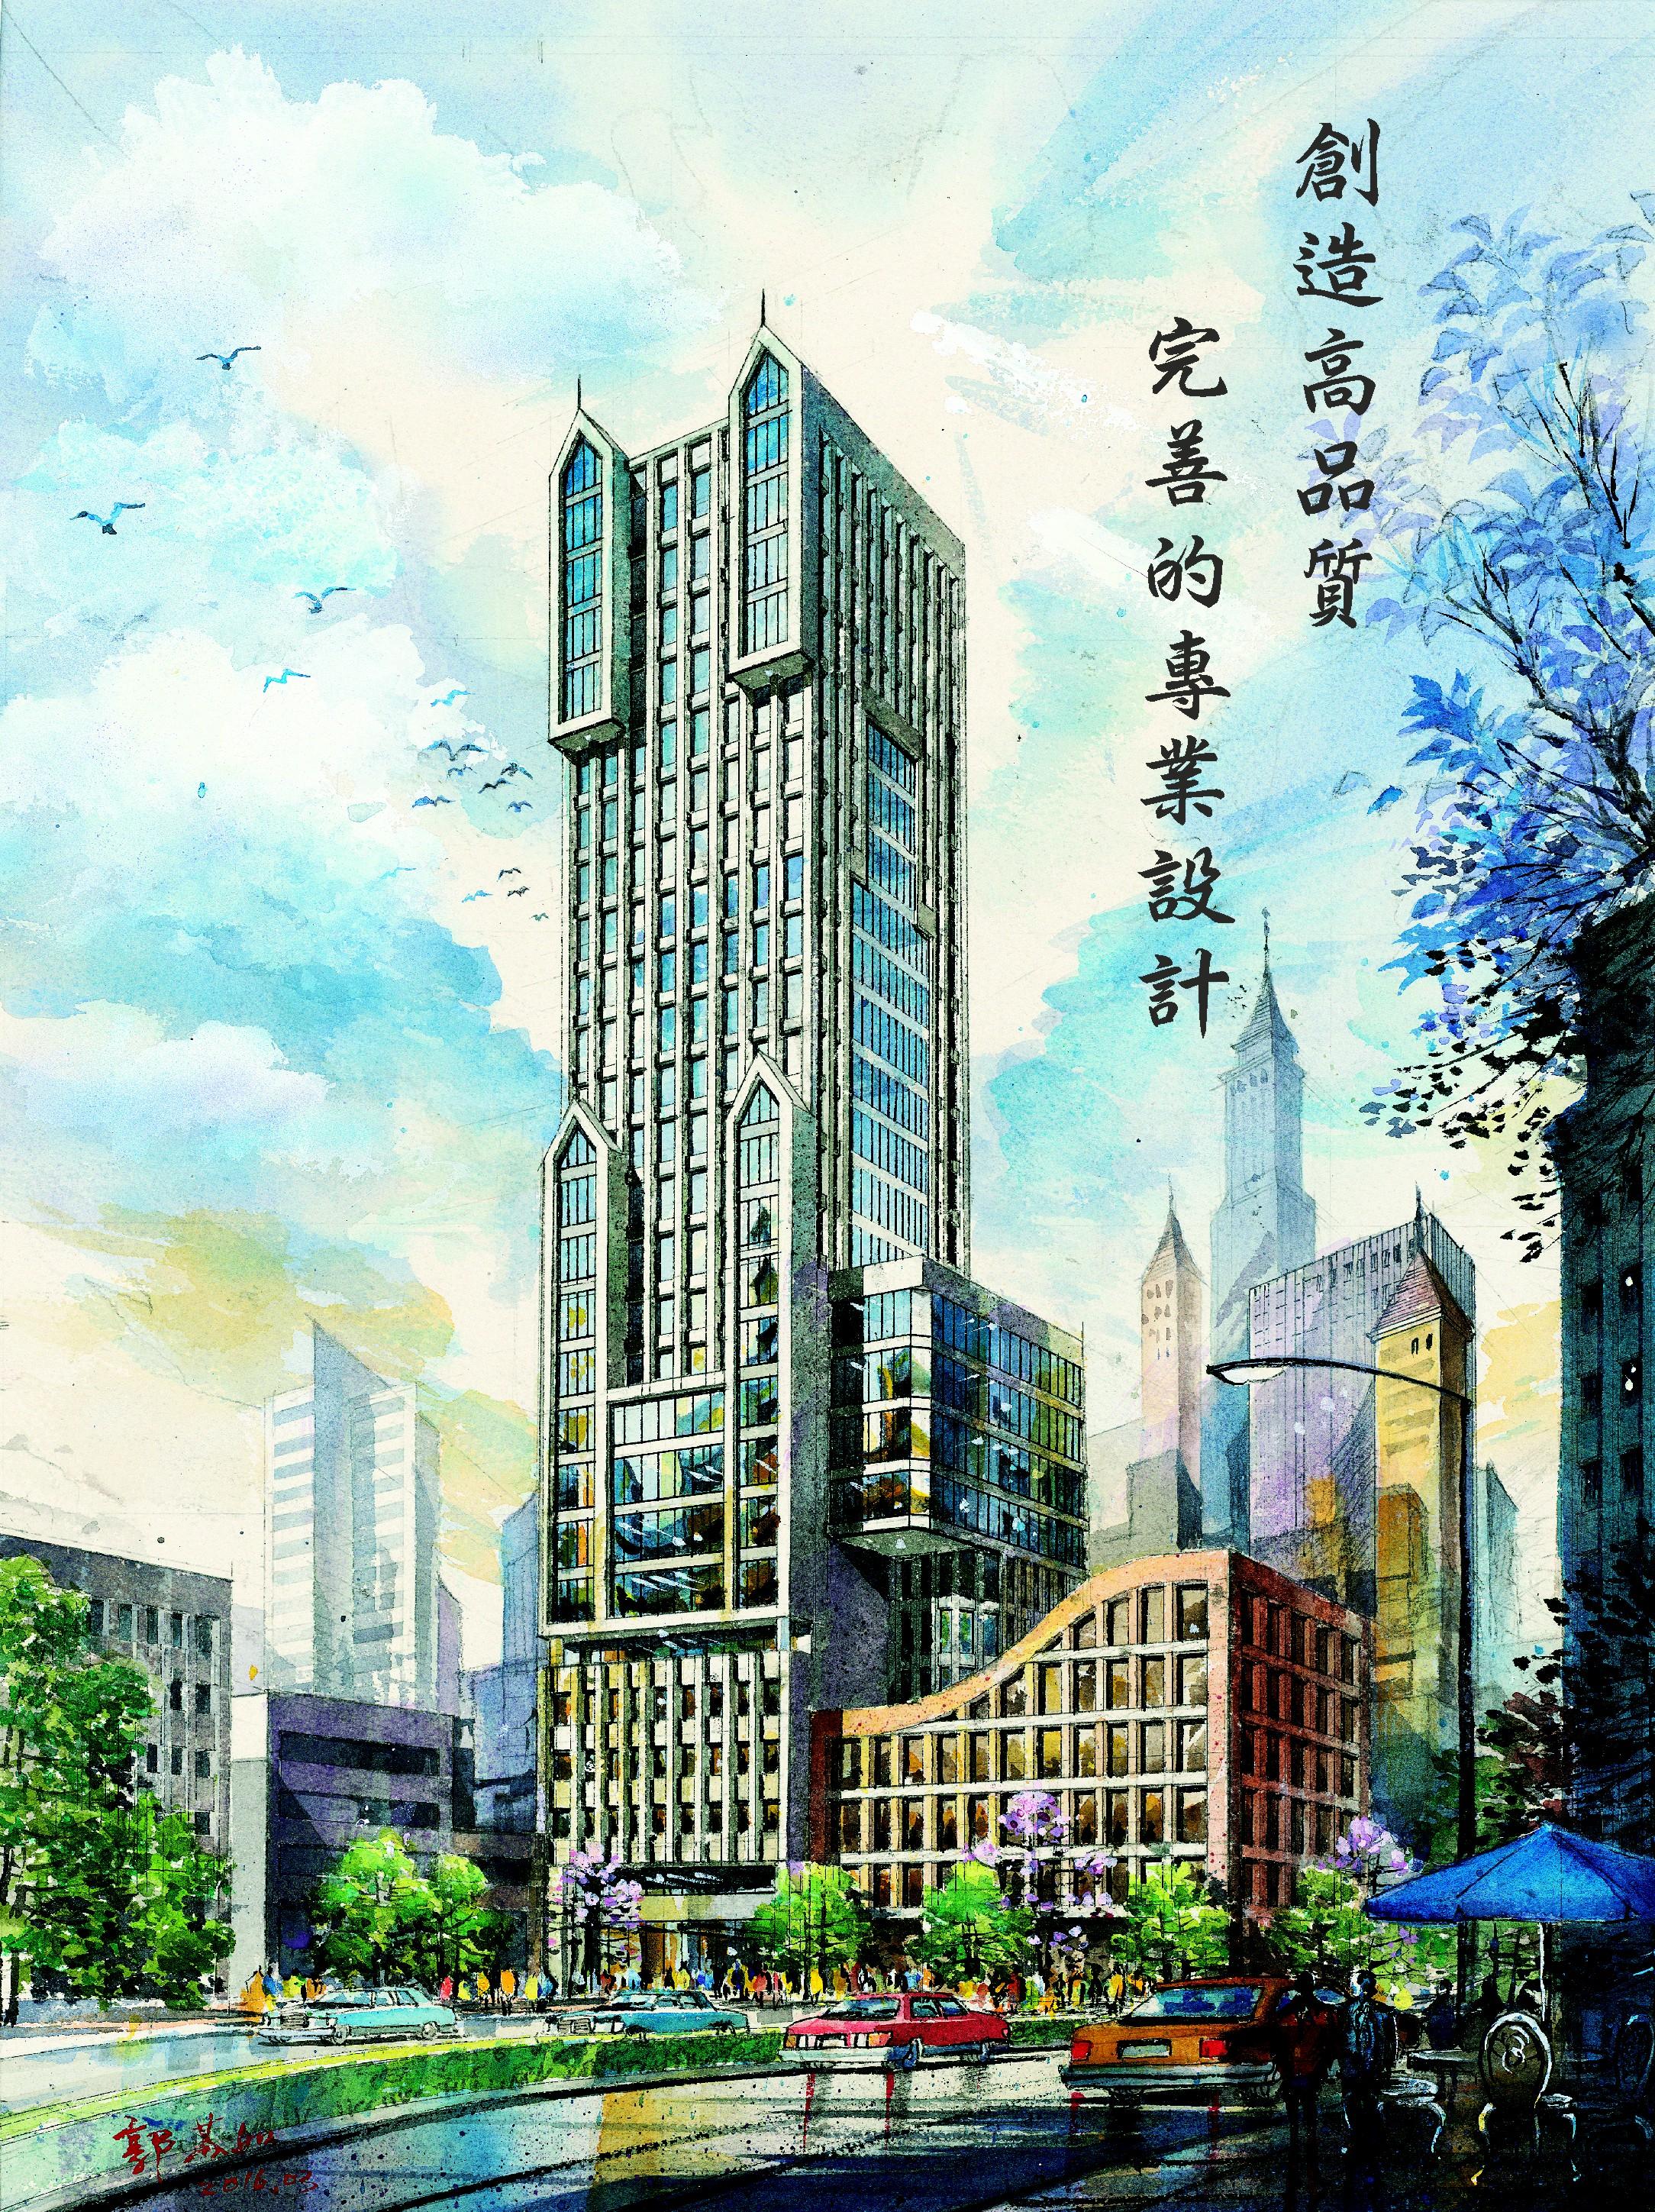 台北市 / 建筑世界3d透视图 郭恒妤钢笔针笔手绘0911